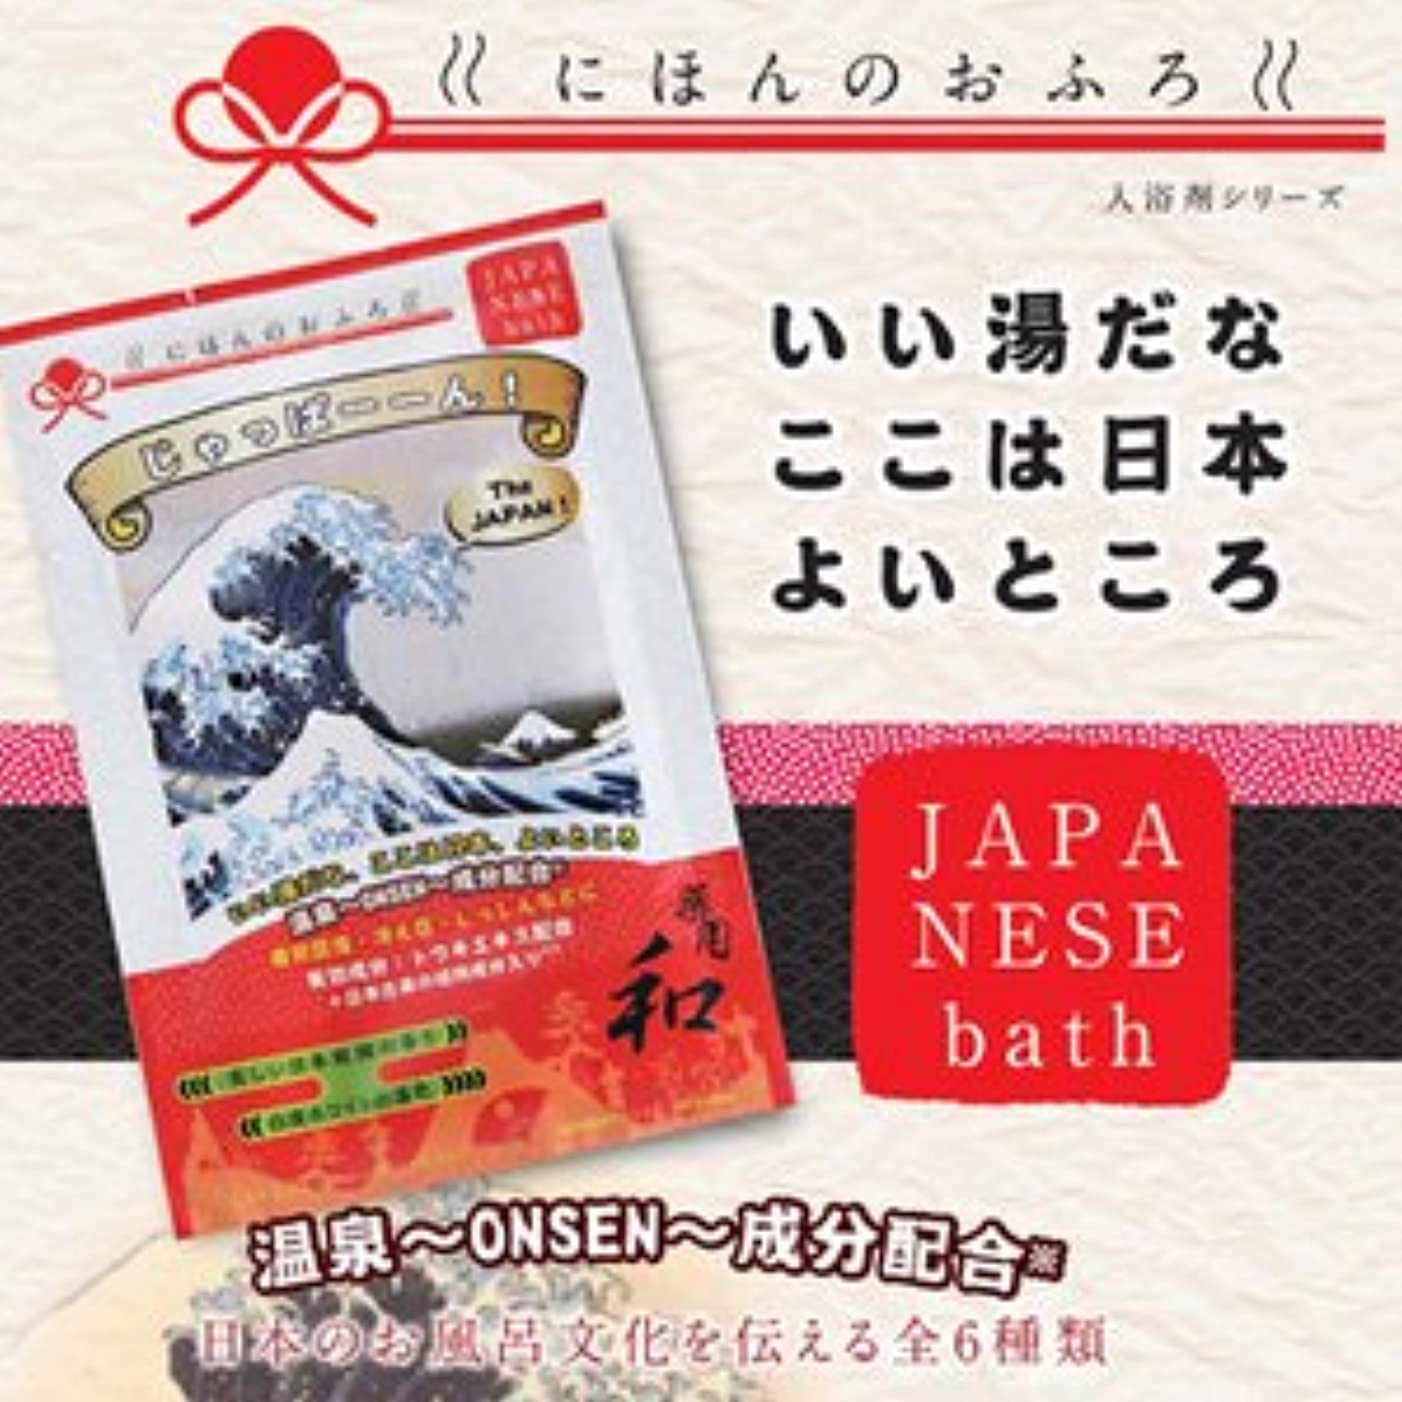 切り離すあいまいさ資源日本のお風呂 全部ためせる6種類セット 入浴剤 福袋/入浴剤福袋